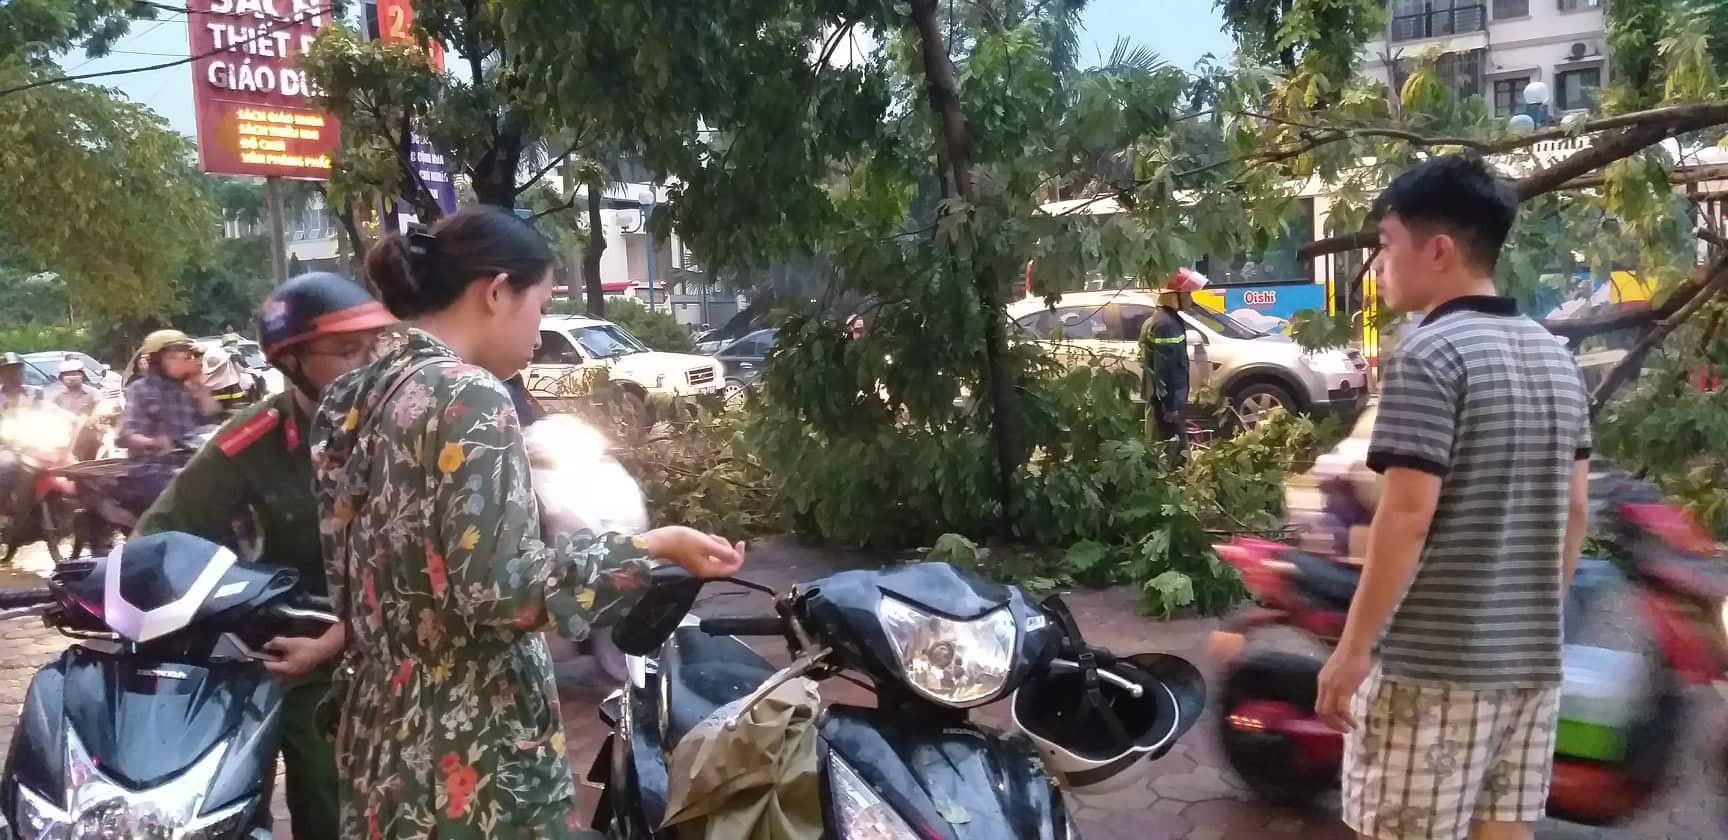 Bão số 4 đang di chuyển vào đất liền, Hà Nội mưa gió khủng khiếp, đã có 1 người chết do cây xanh đè trúng-7